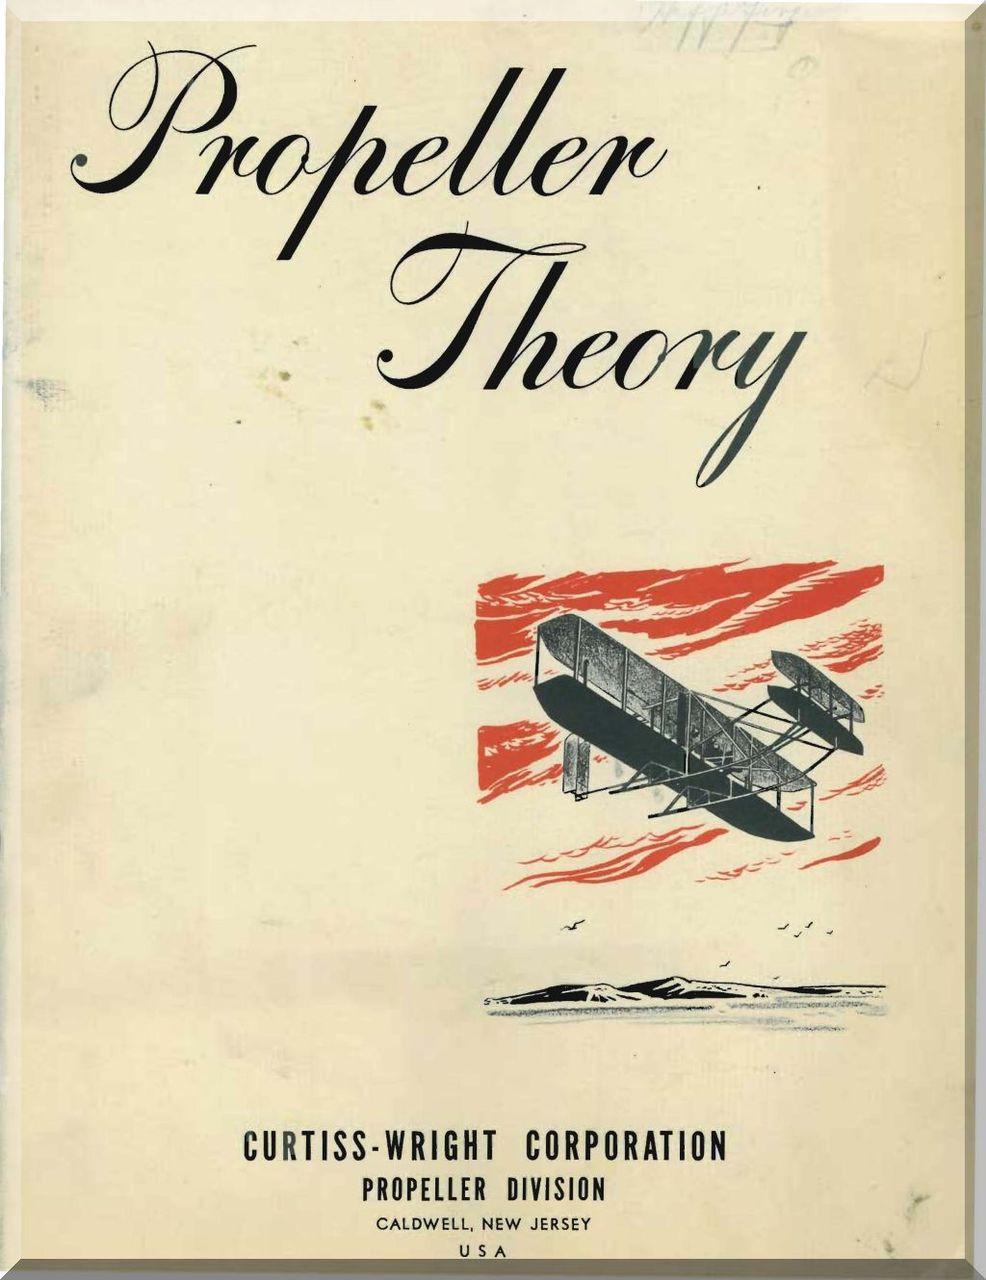 دانلود کتاب Propeller Theory